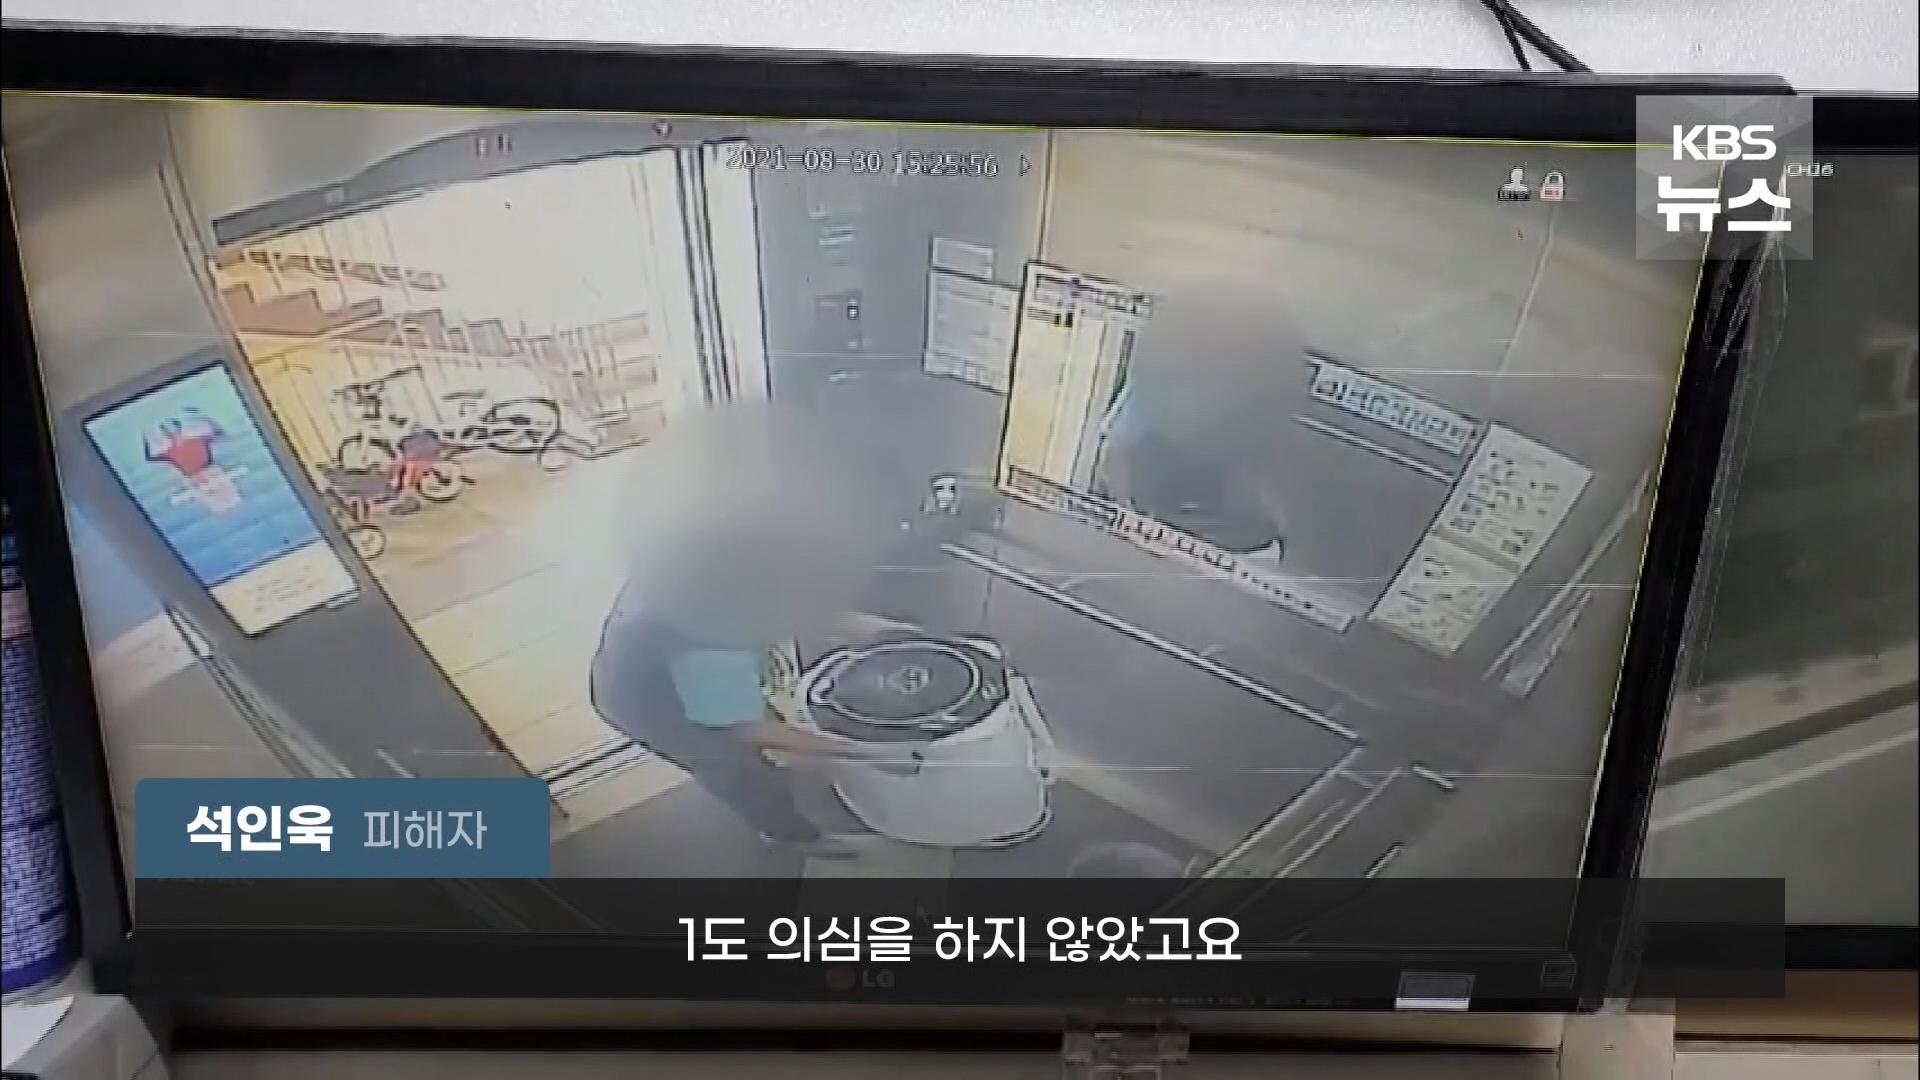 집 앞에 둔 세탁기가 사라졌다…CCTV 돌려보니